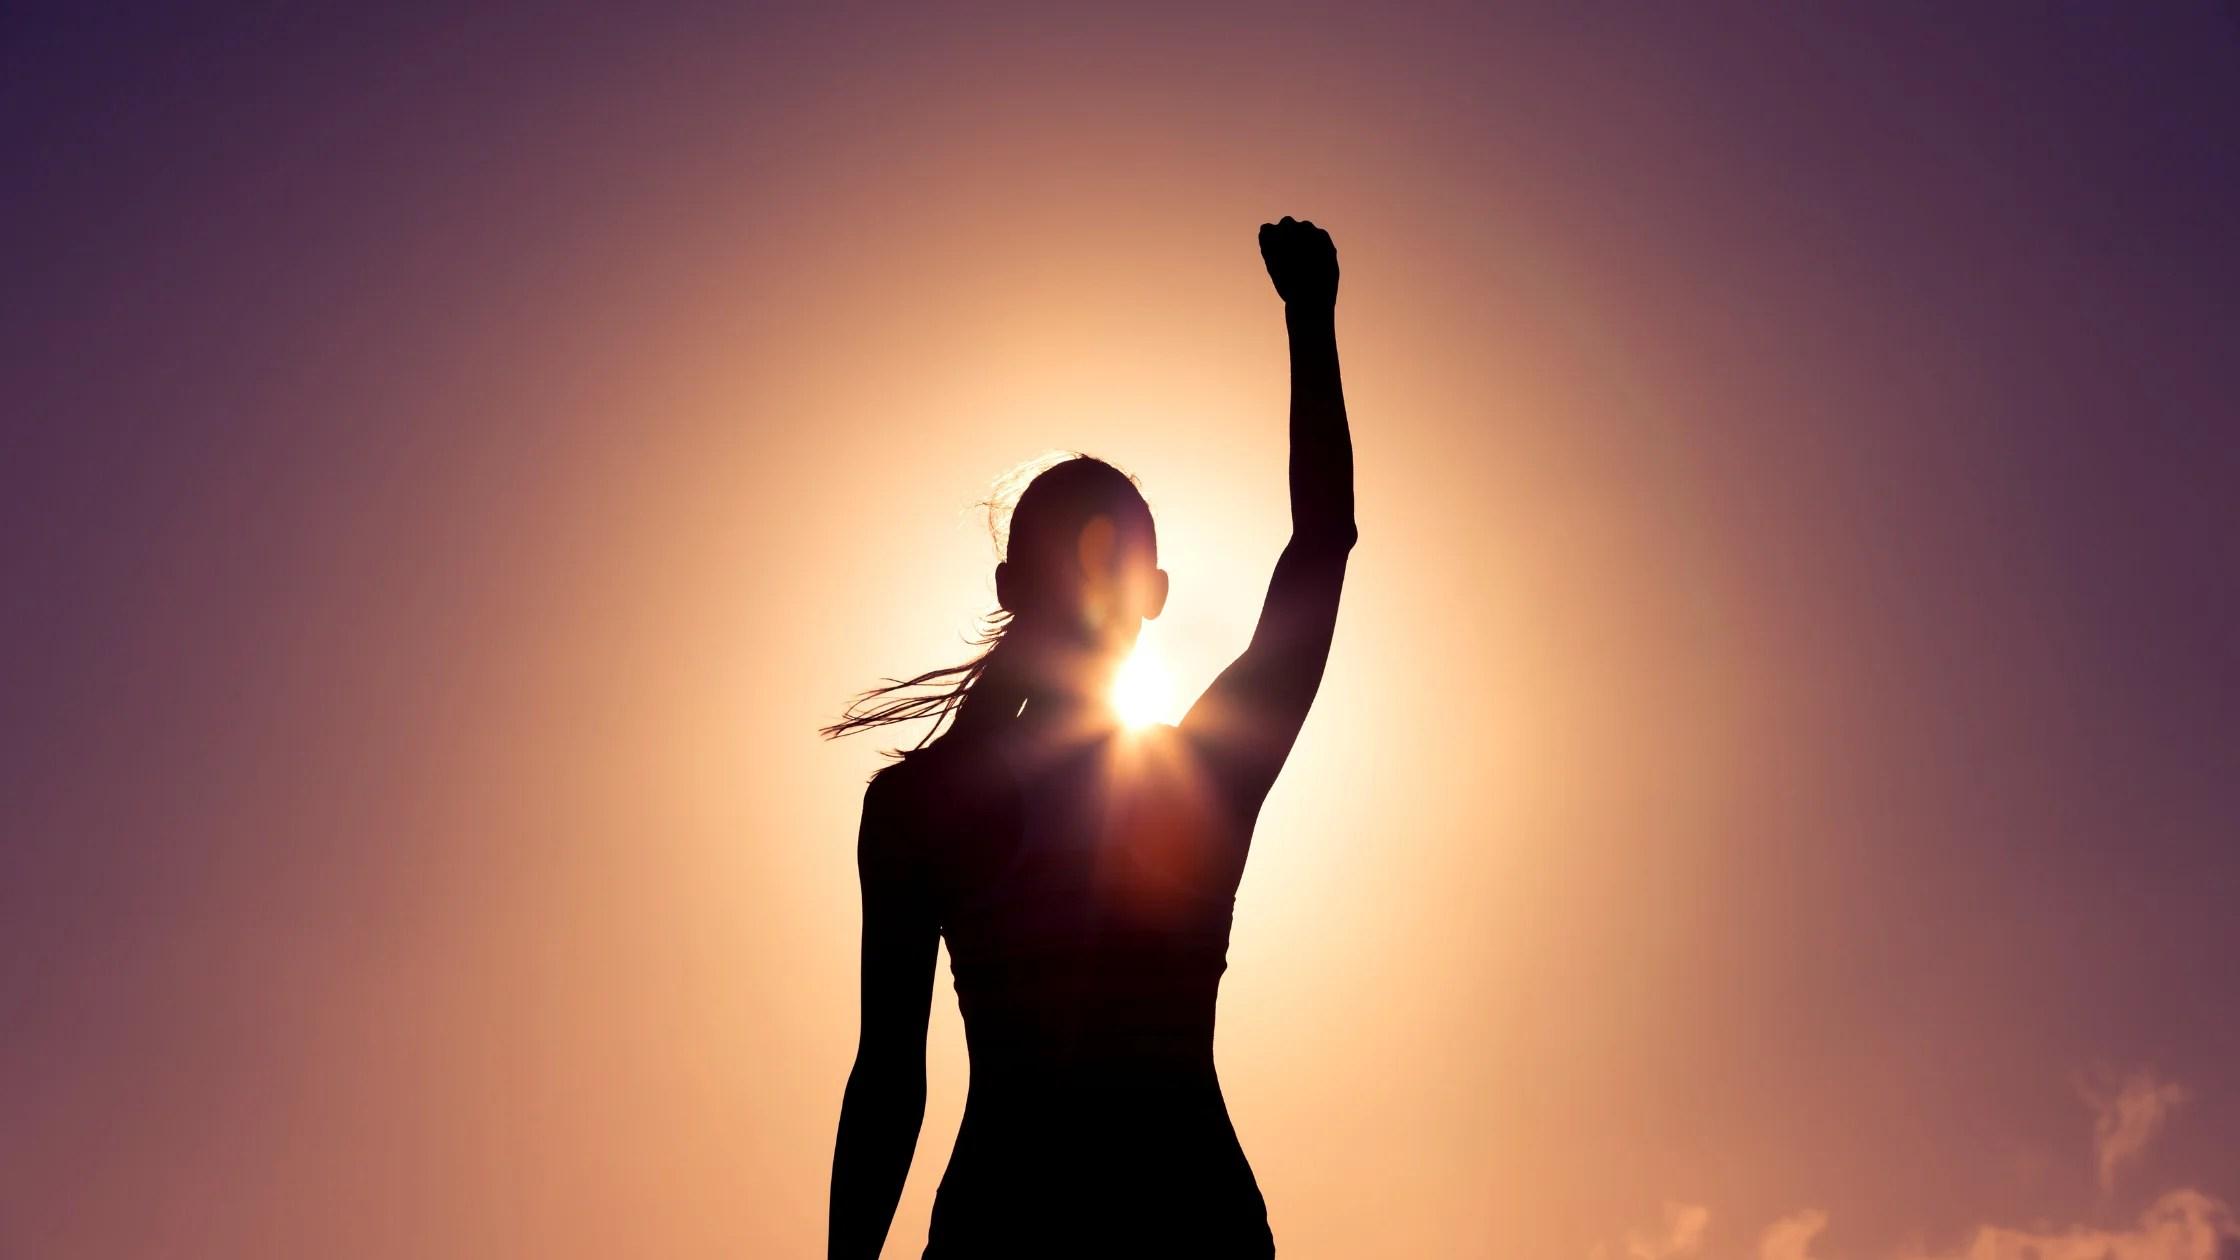 Hochstapler-Syndrom? Diese 10 Affirmationen helfen bei Selbstzweifel